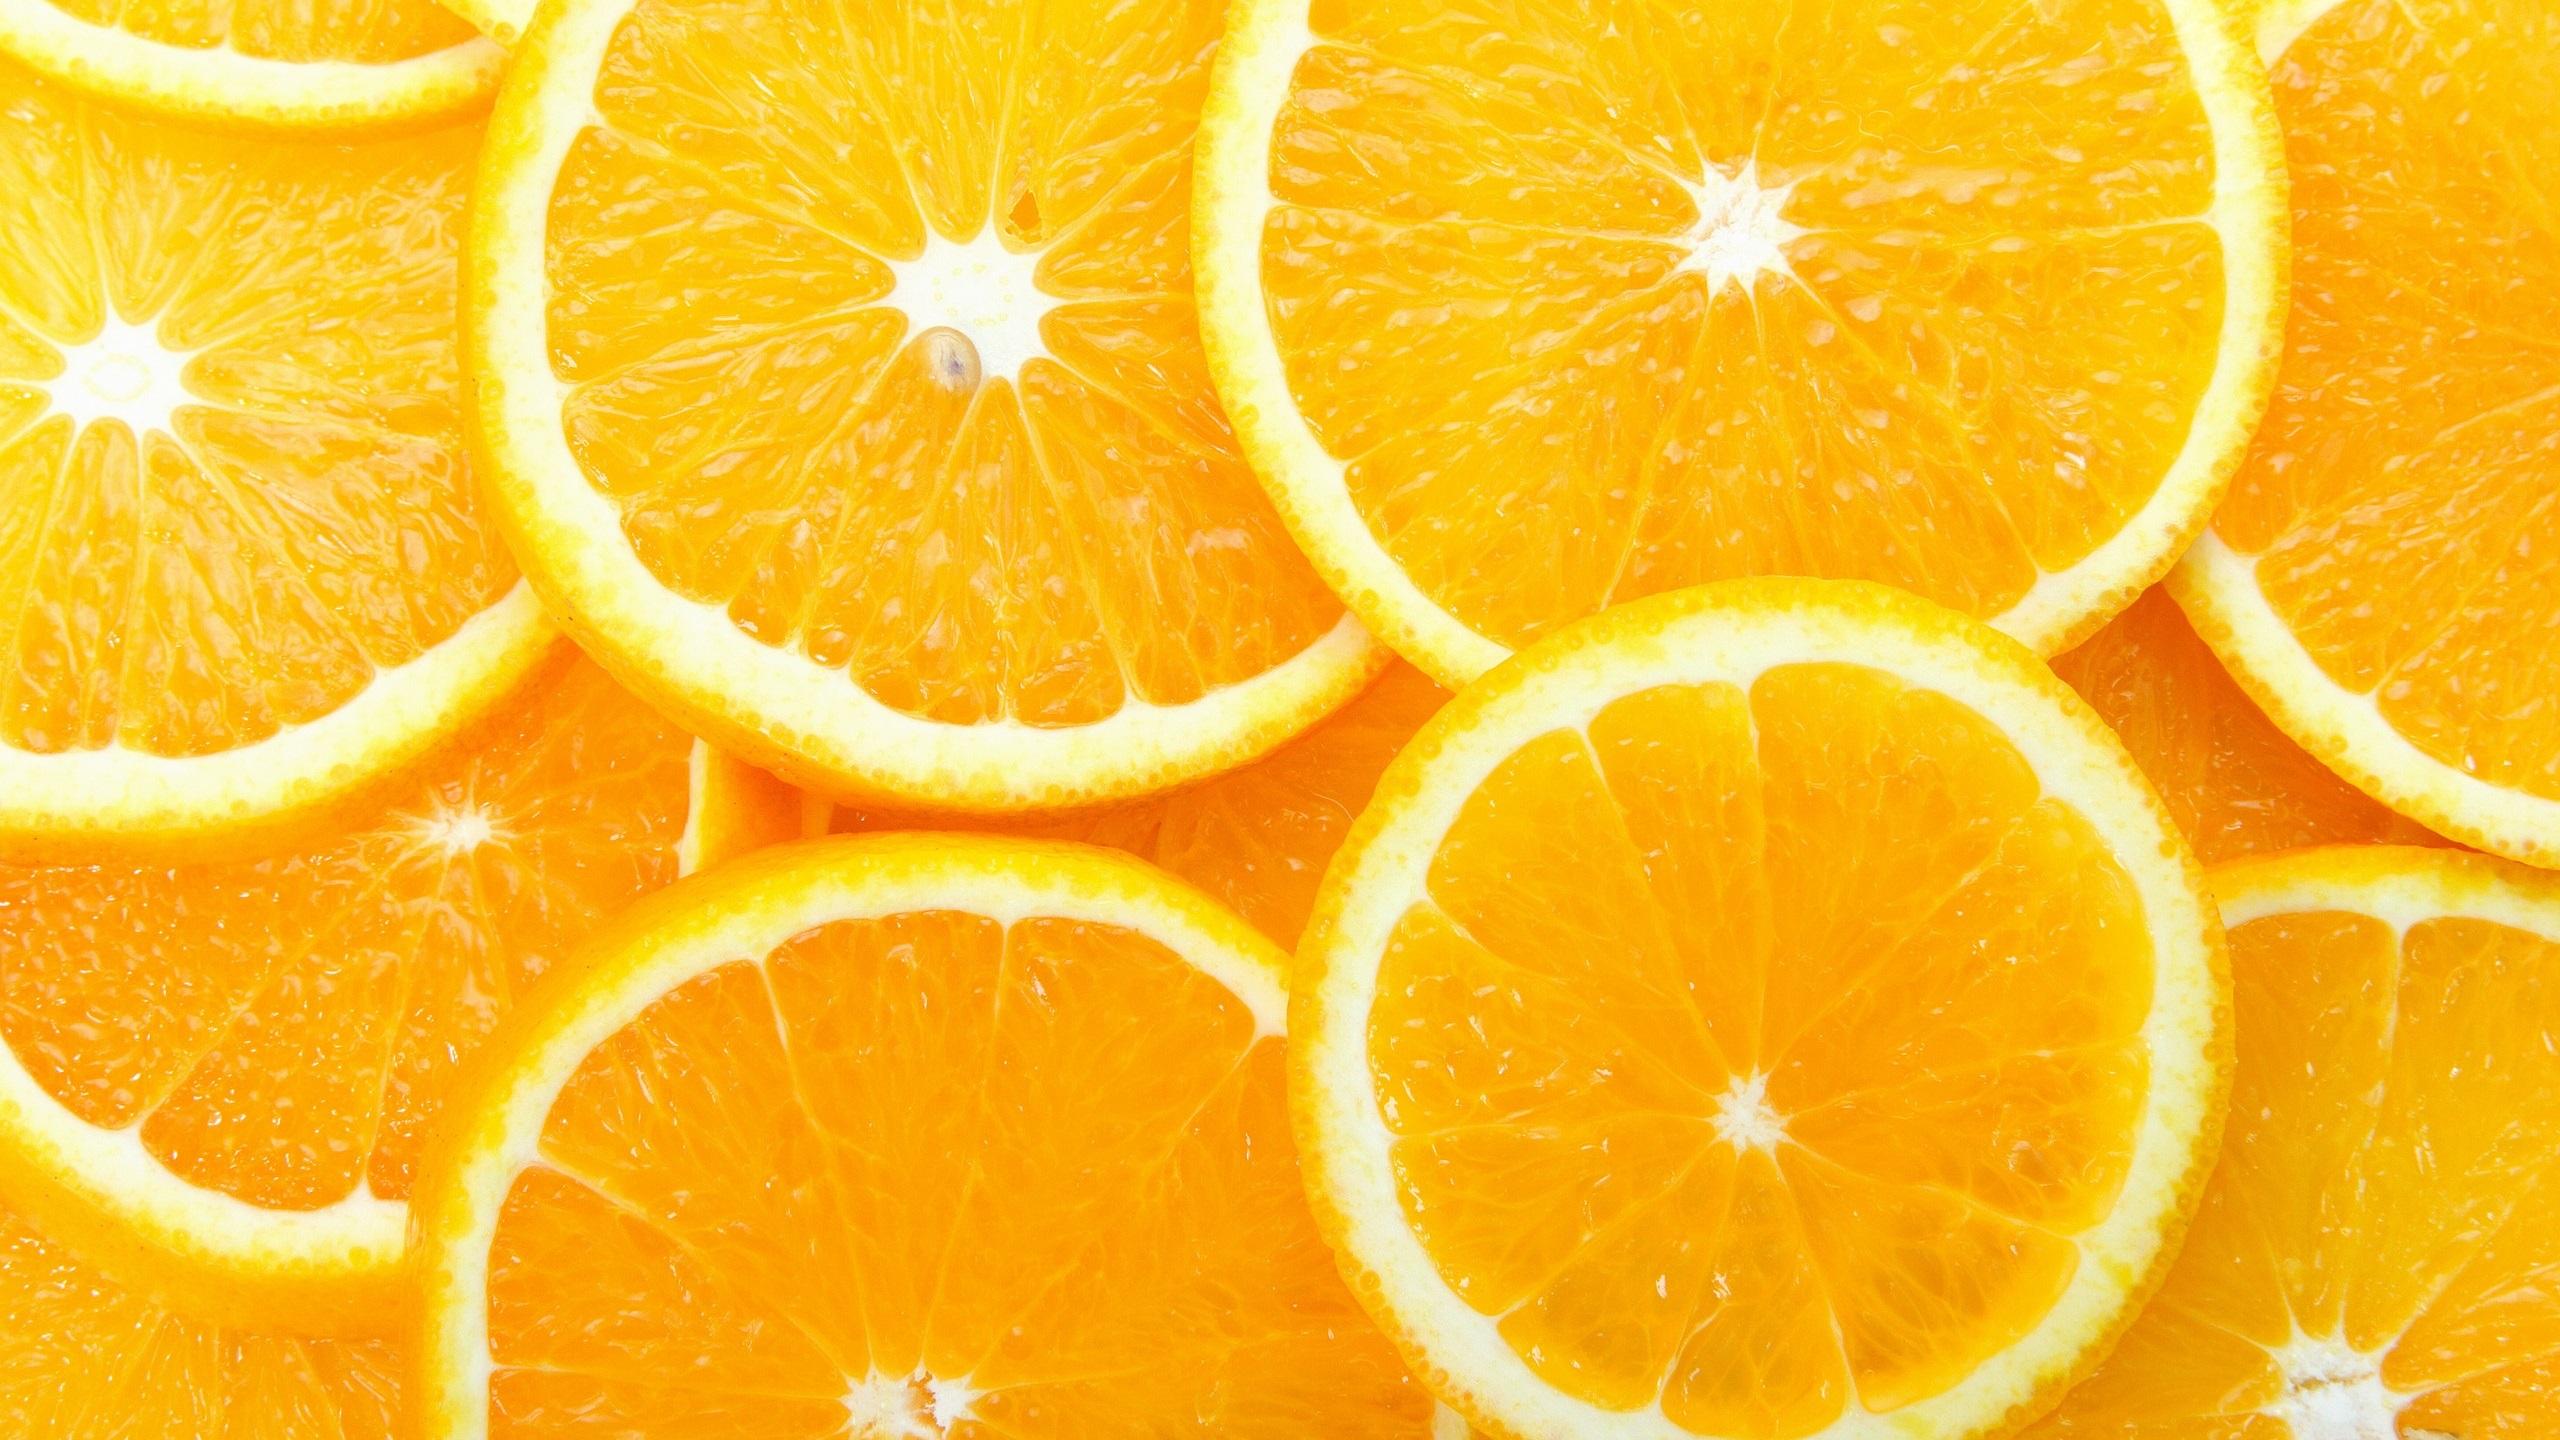 Une tranche de citron les oranges les fruits jaune for Fond ecran qhd